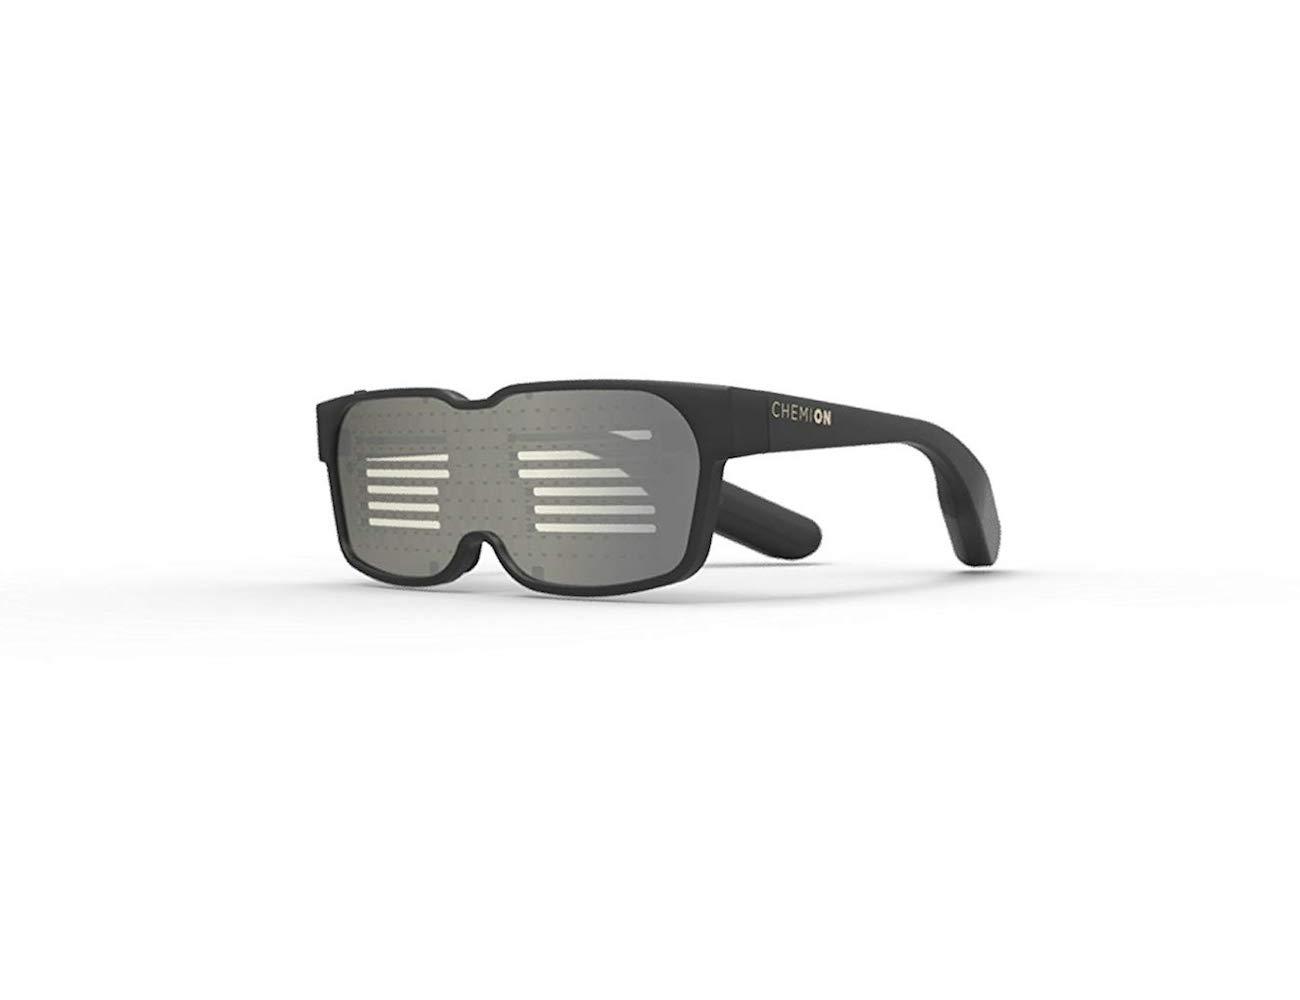 Chemion Smart LED Glasses » Gadget Flow